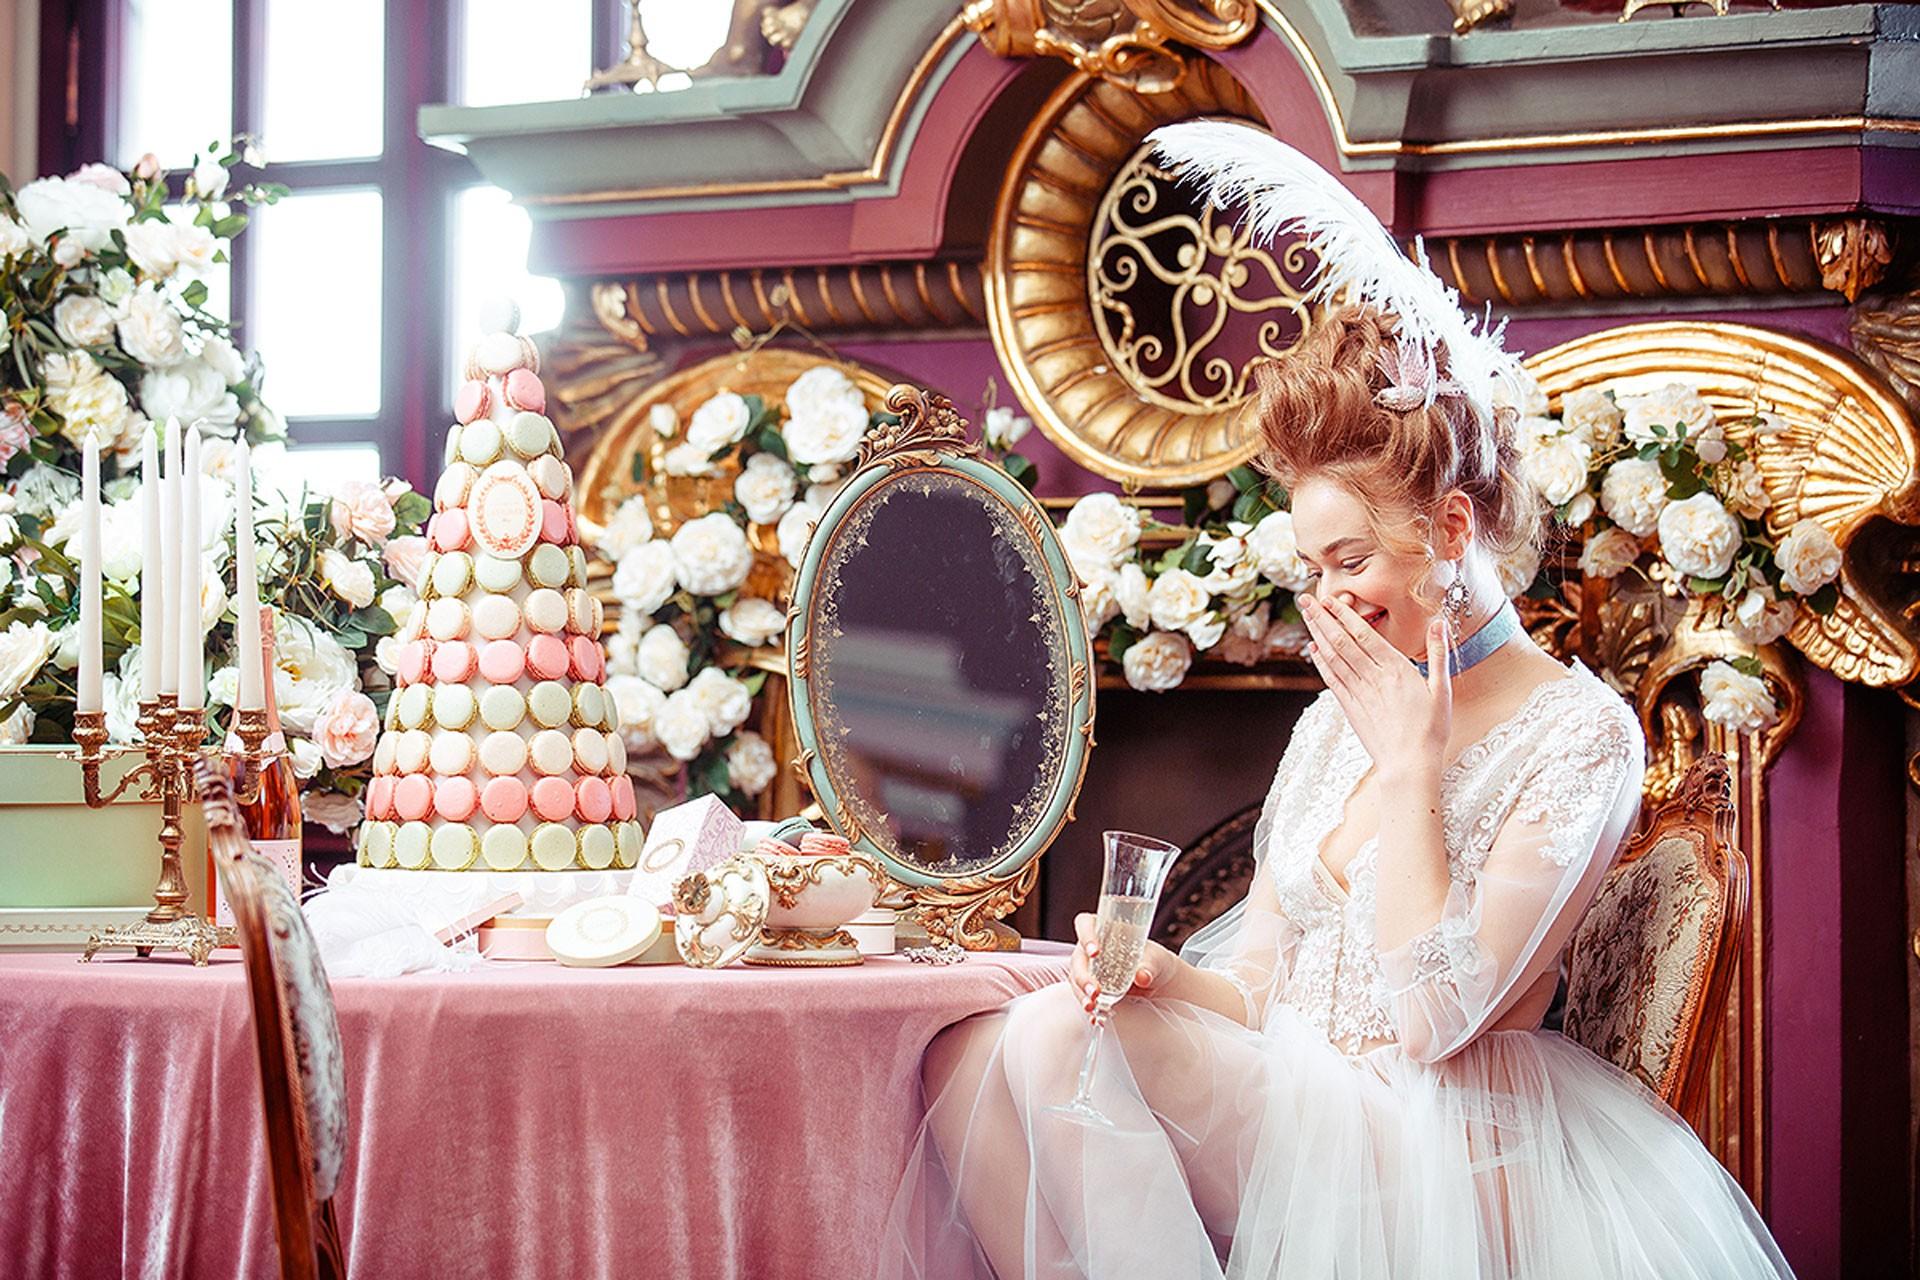 Мария-Антуанетта образ невесты фото 6